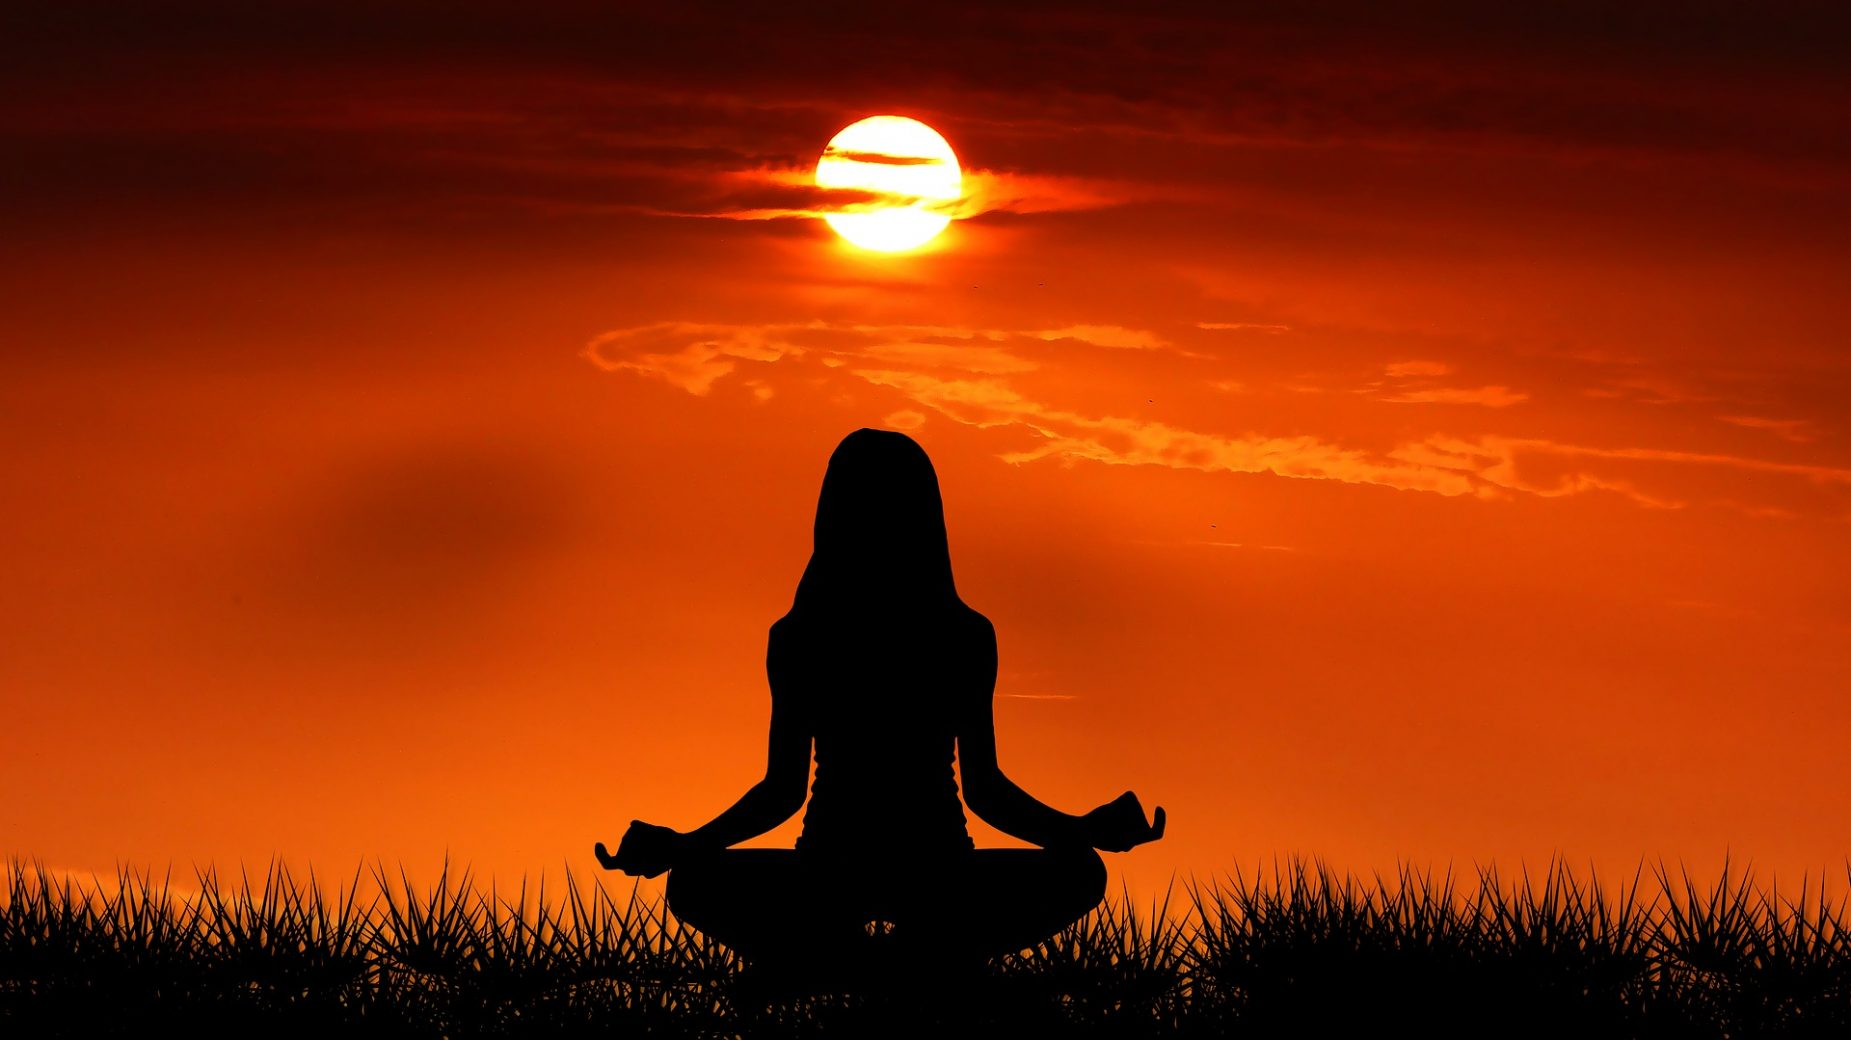 sunrise 3848628 1920 - Le yoga idéal pour prendre soin de son corps et de son mental